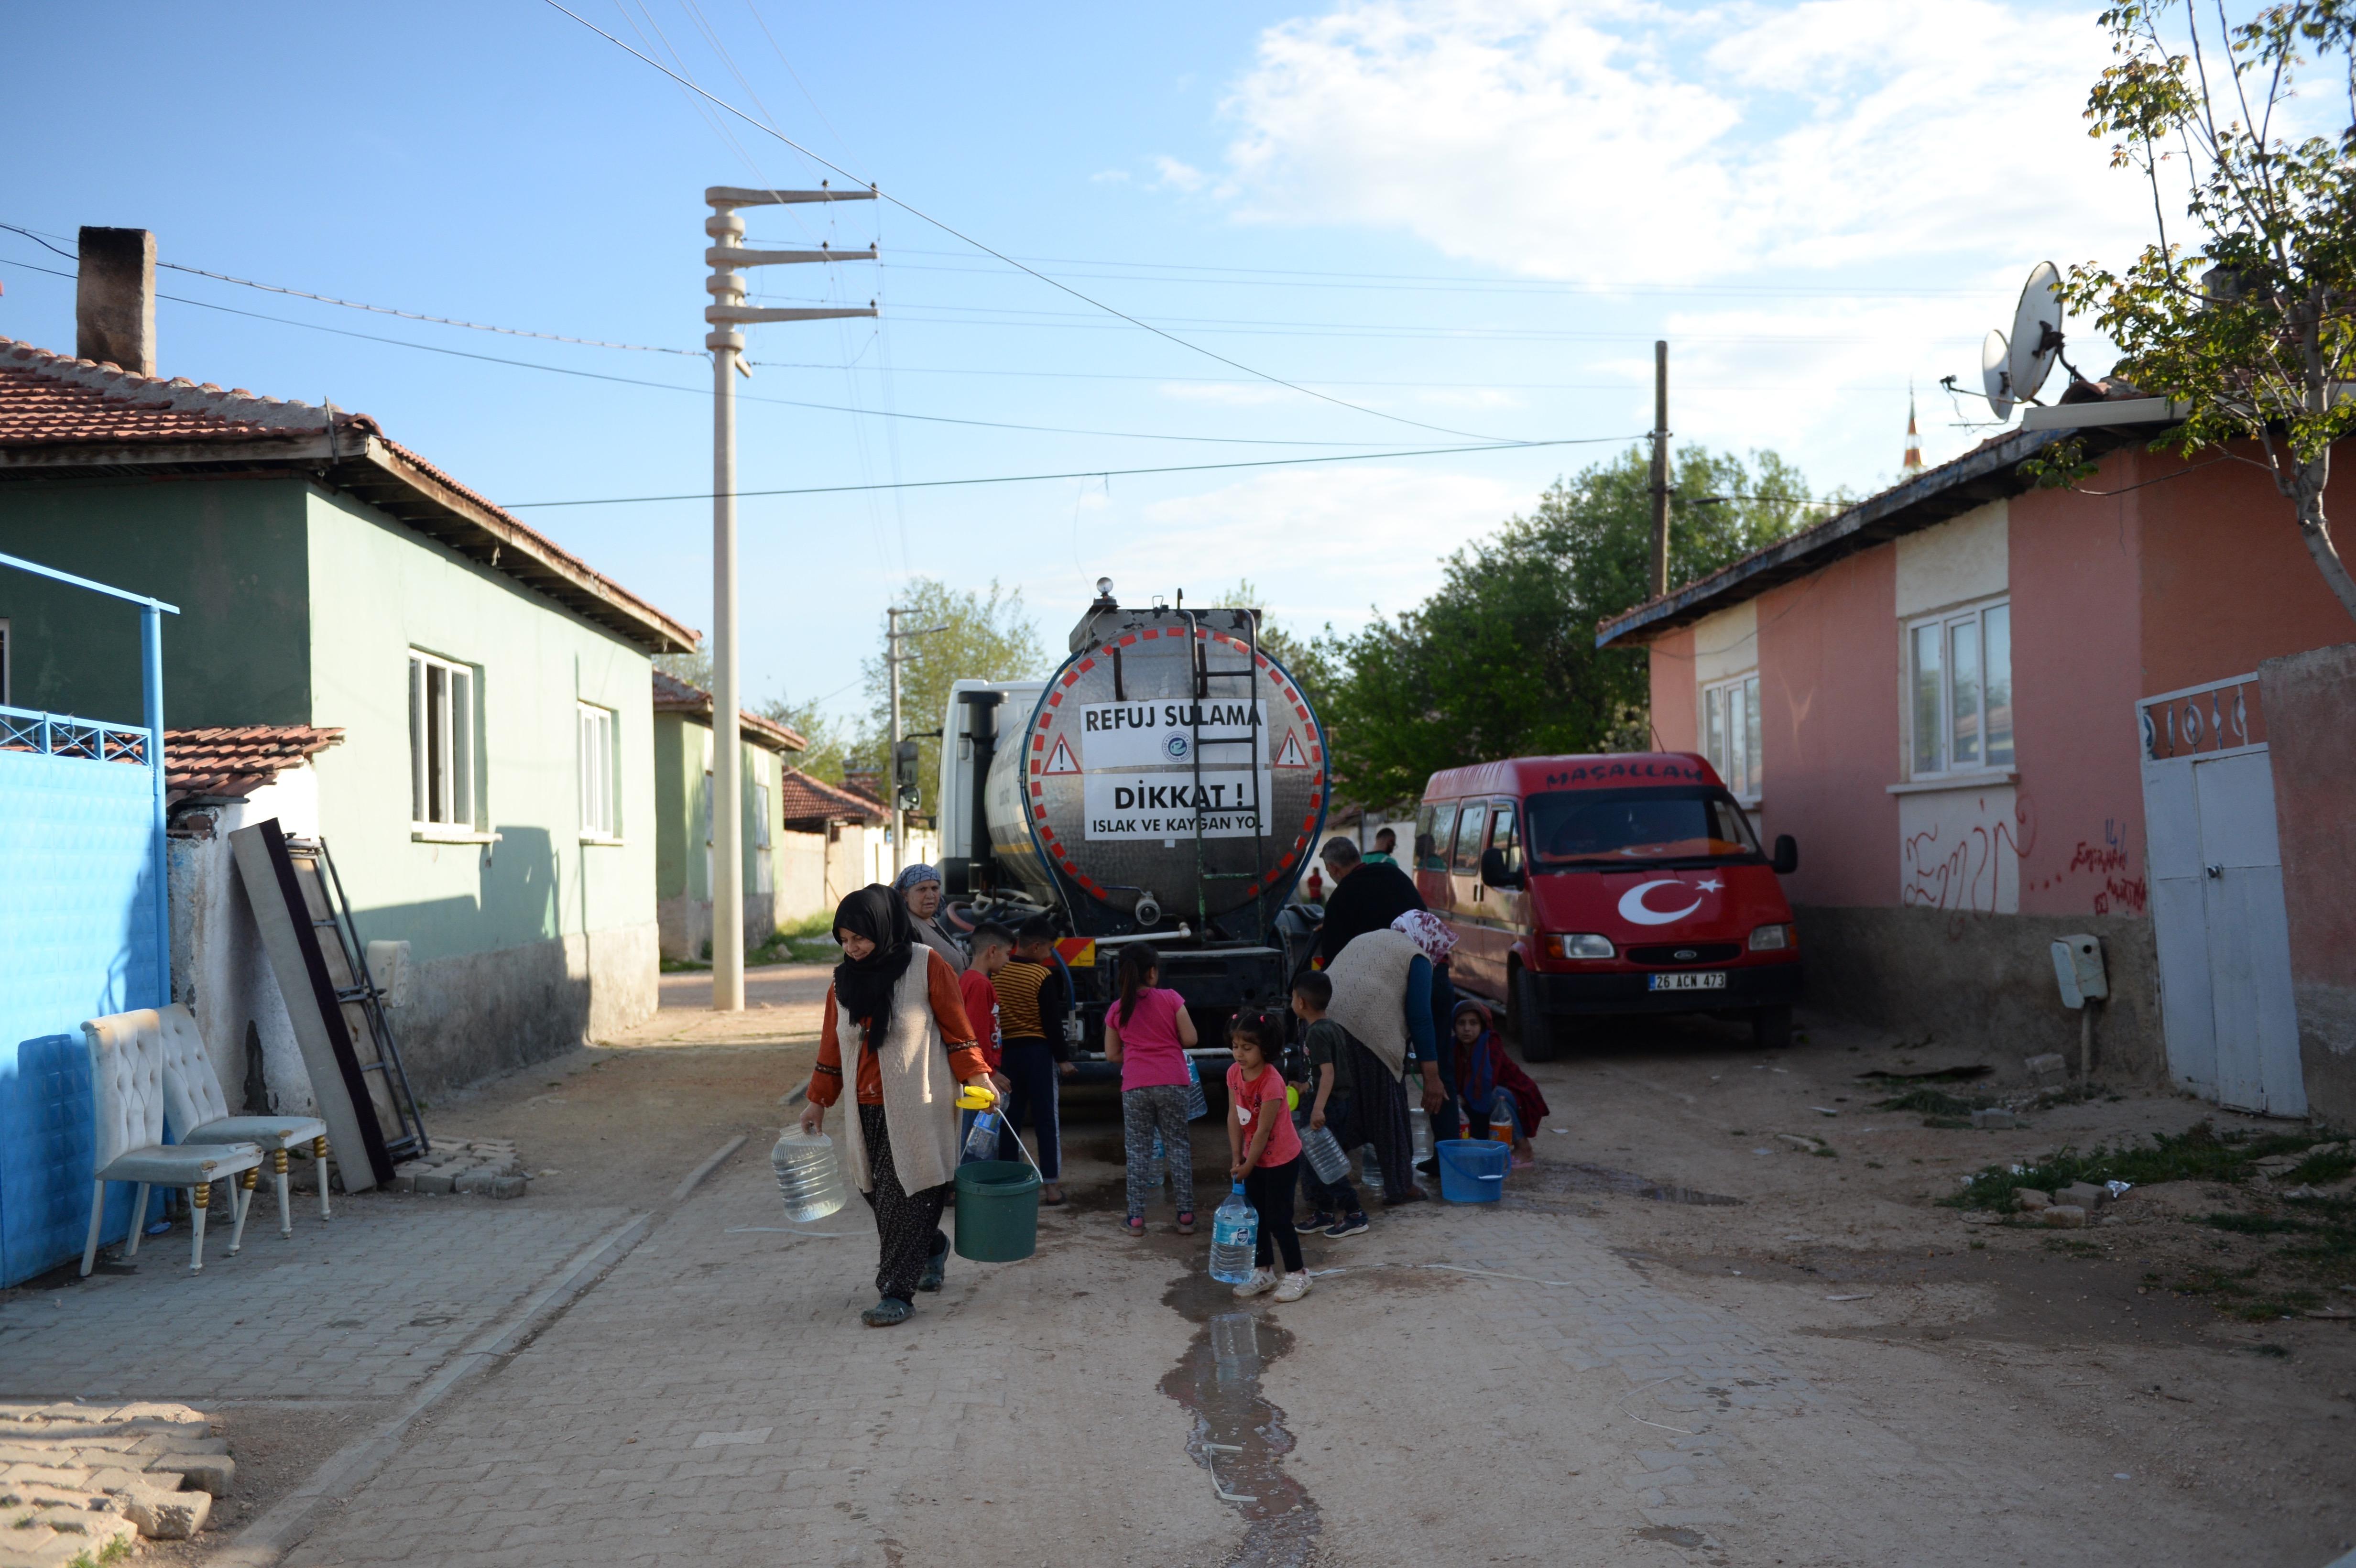 Eskişehir'de içme suyuna zirai ilaç karıştı! Biri çocuk 2 kişi rahatsızlandı